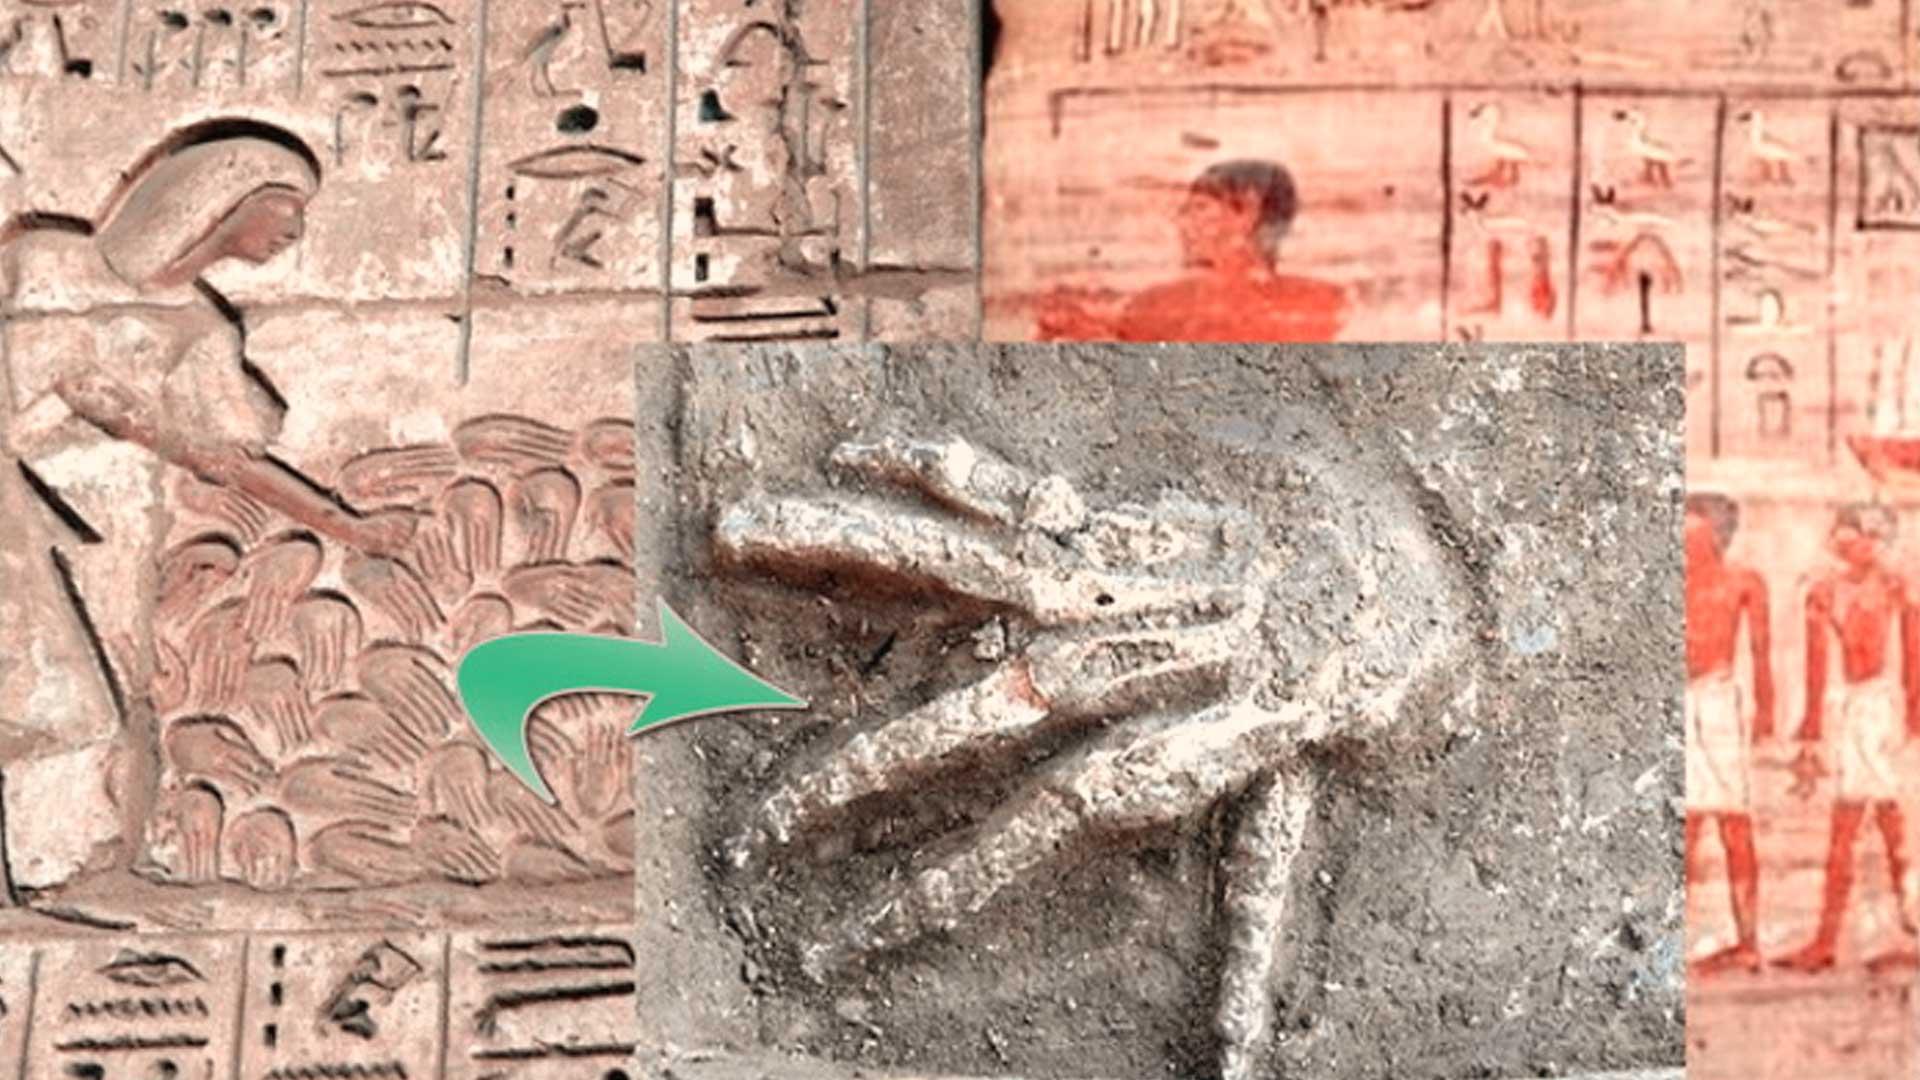 Egipto, hallan 4 extraños pozos llenos de manos gigantes